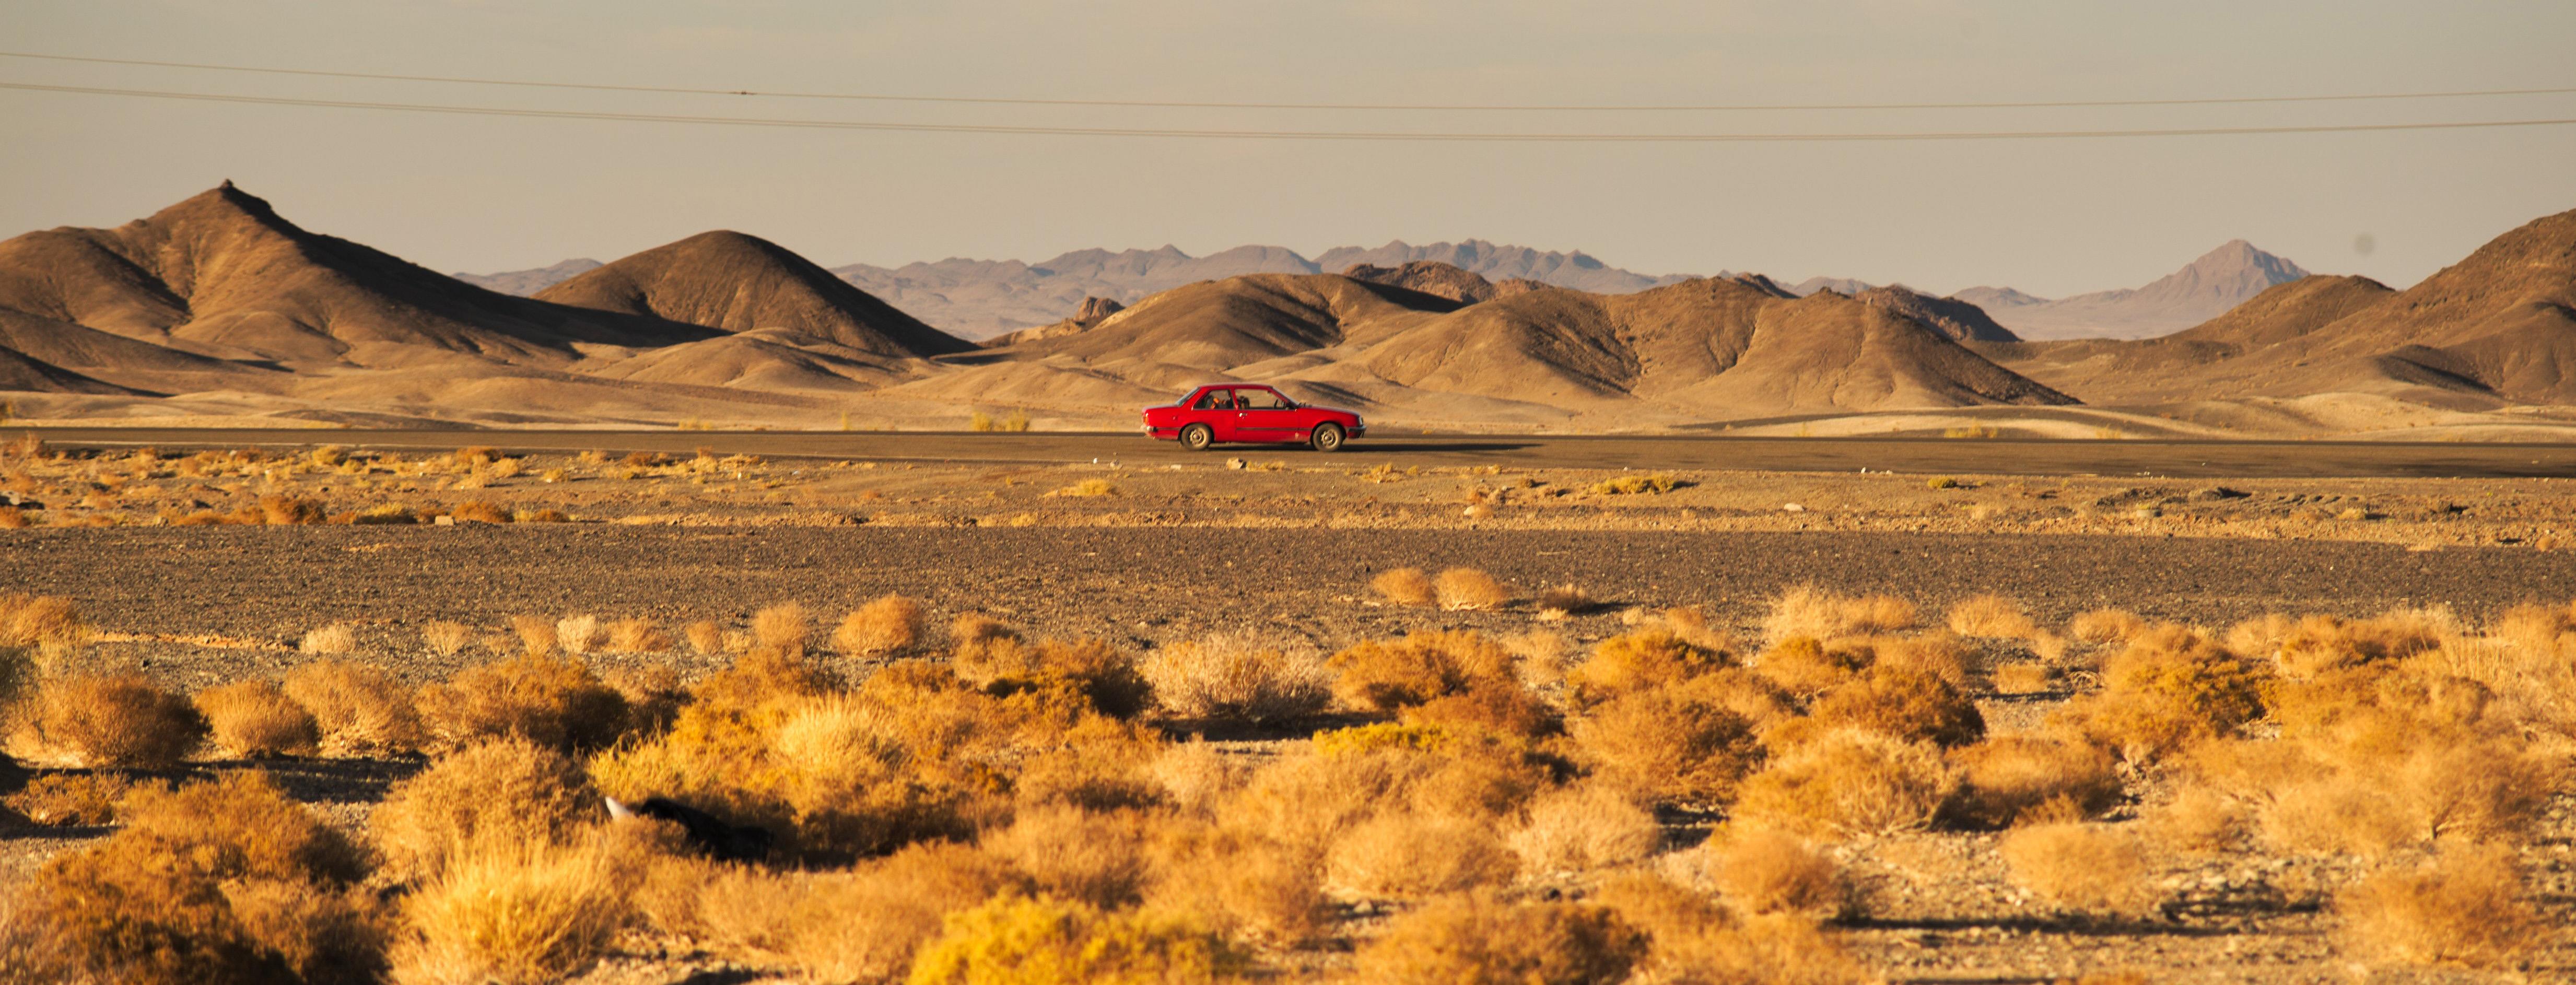 Zwischen Bam und Zahedan versteht man: Wüsten sind keine Einöden.